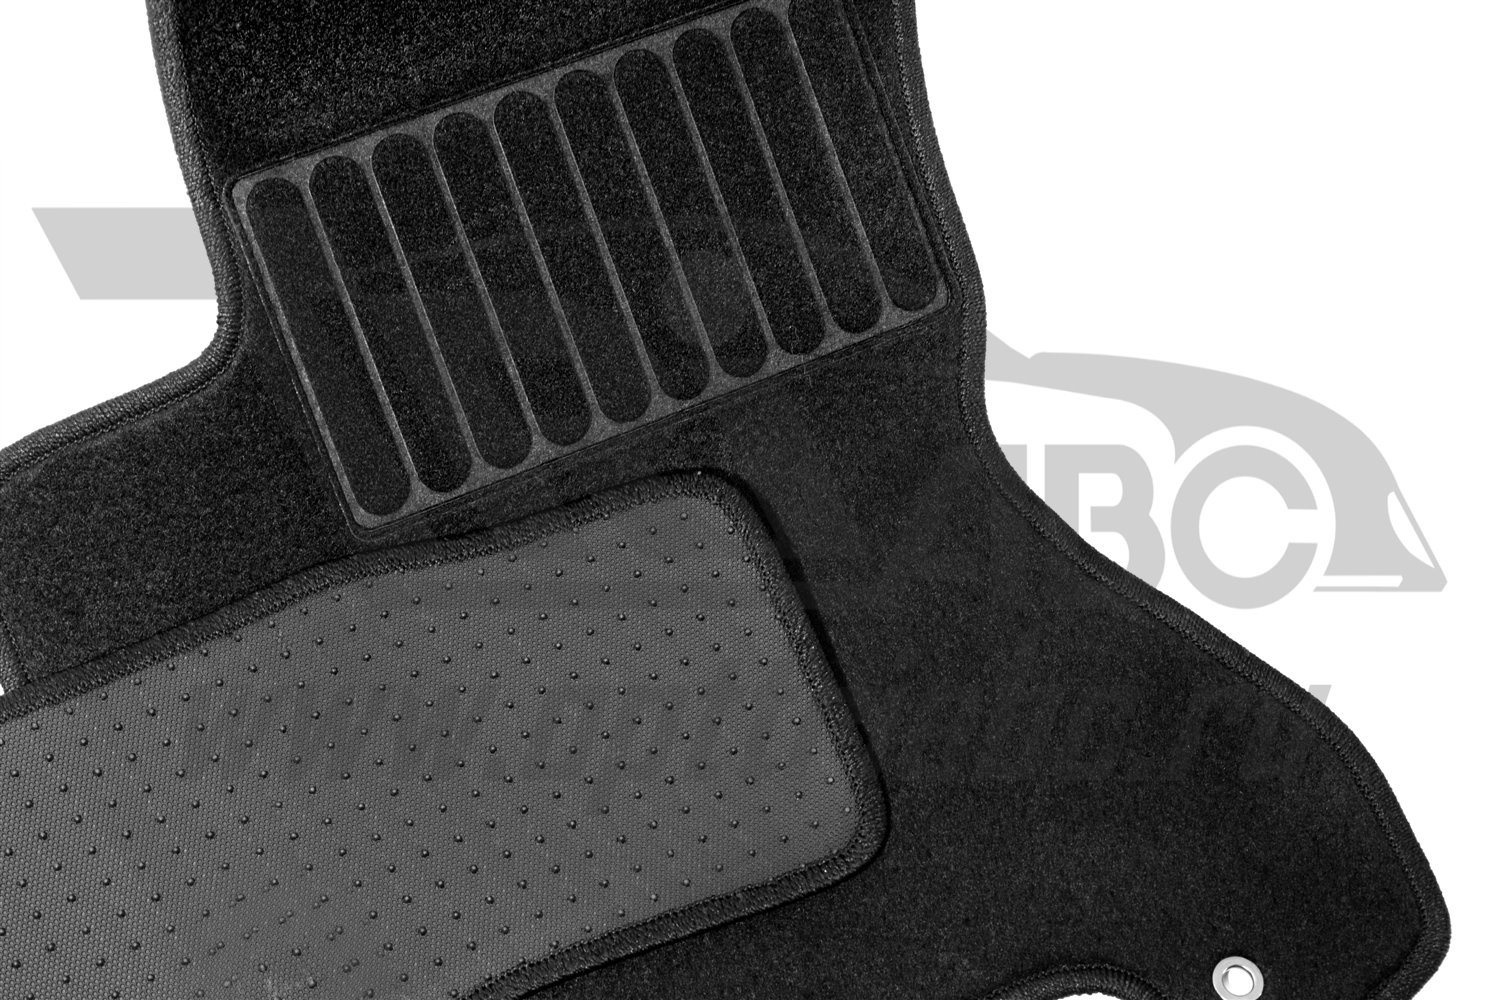 Коврики в салон автомобиля Avtodriver резиновые с бортиком для Chevrolet Malibu (2012-), Adrplr115, черный коврики в салон автомобиля avtodriver для great wall hover h5 2010 adravg019 резиновые с бортиком черный